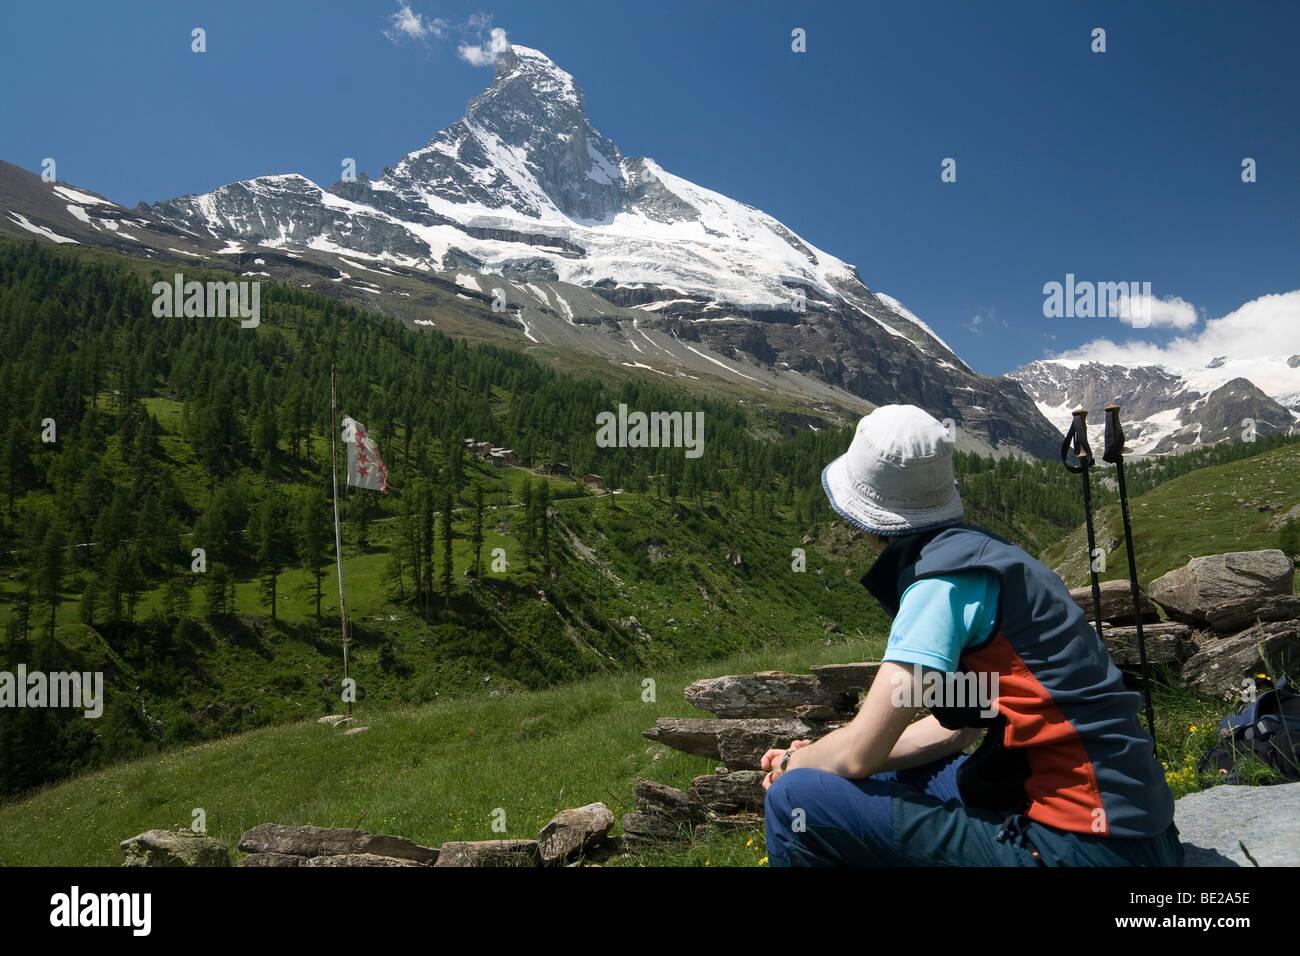 Hiker taking a rest facing Matterhorn, Swiss Alps - Stock Image